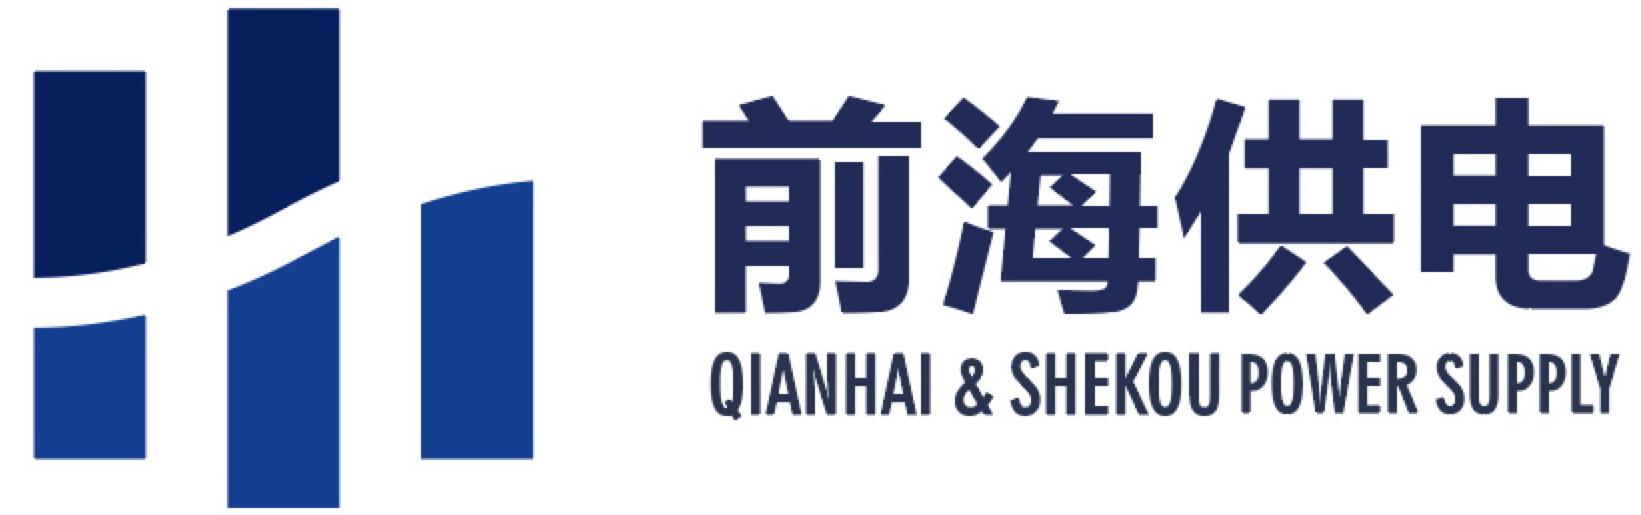 深圳前海蛇口自貿區供電有限公司